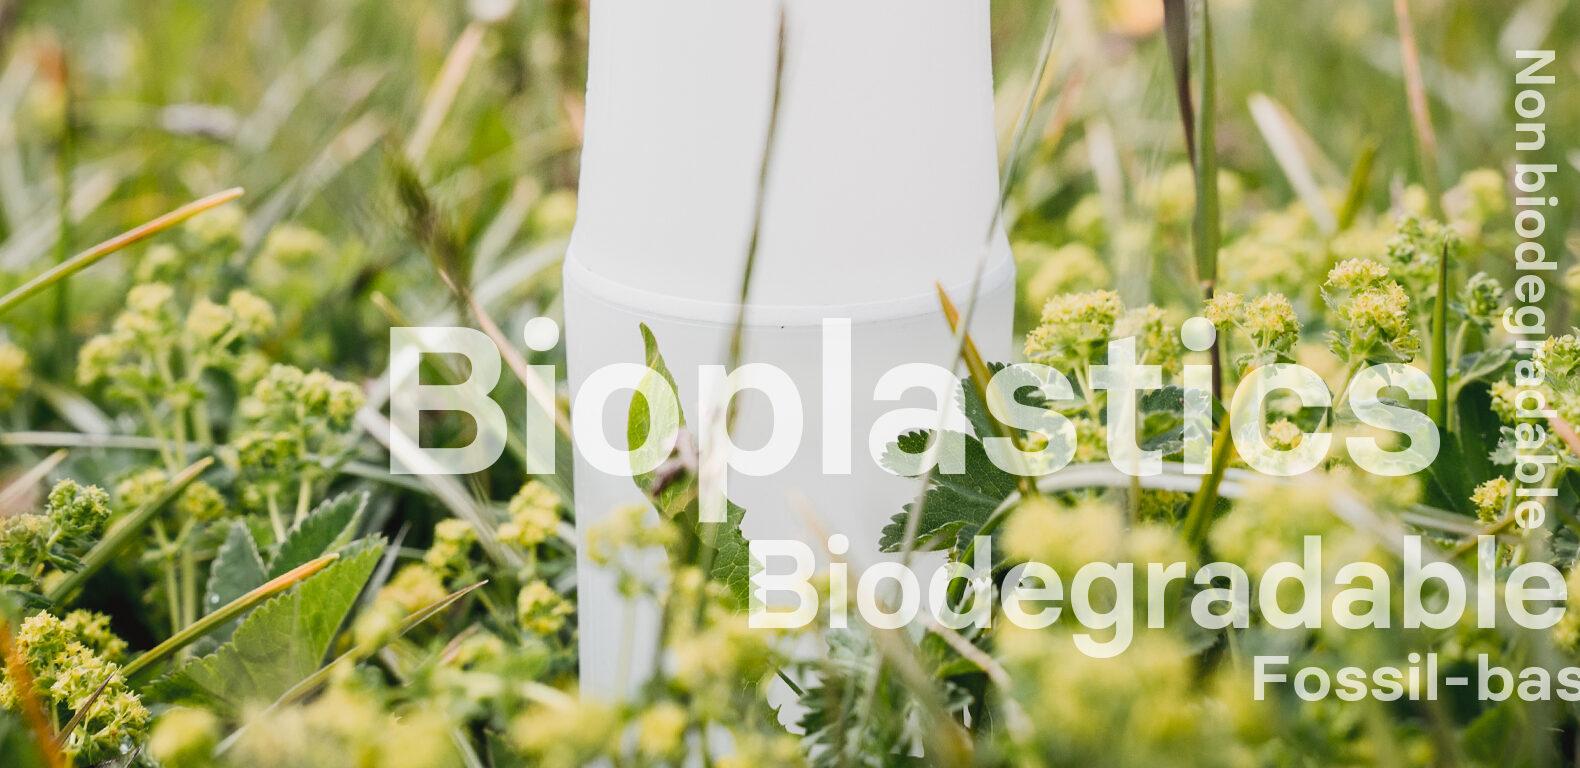 bioplastic-blog